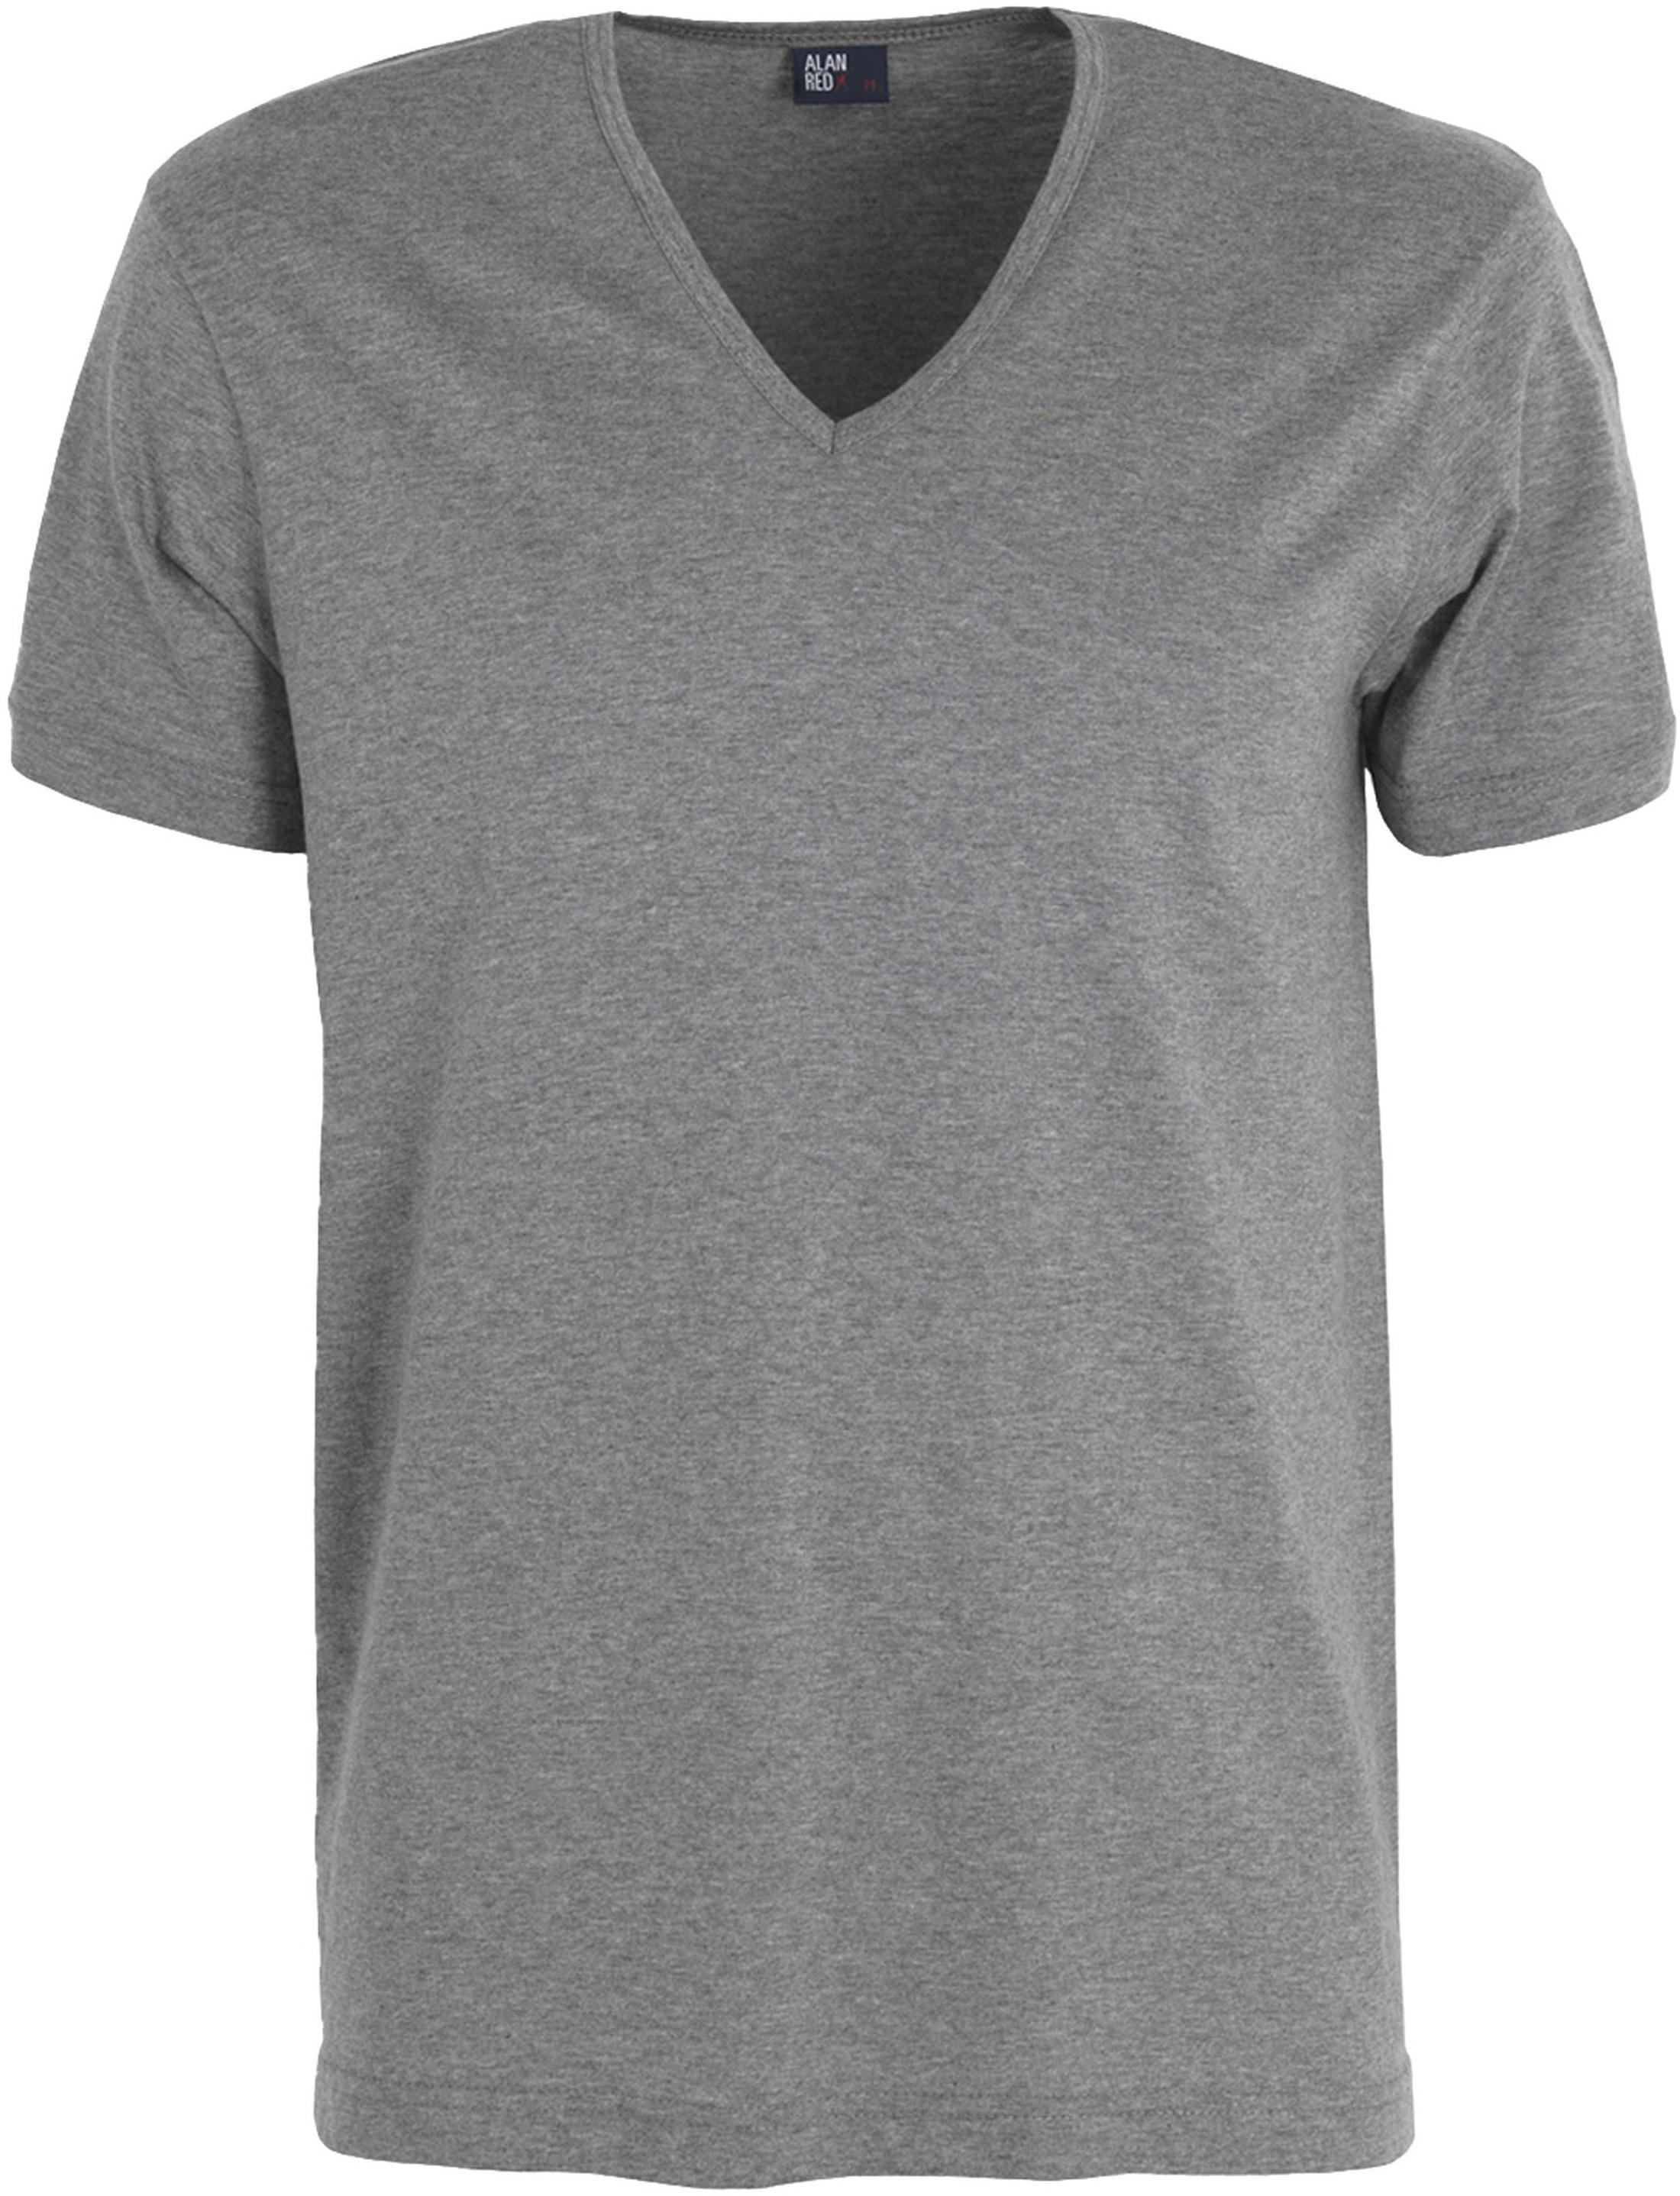 Alan Red Verner T-shirt Diepe V-Hals Mouse (1Pack) foto 0